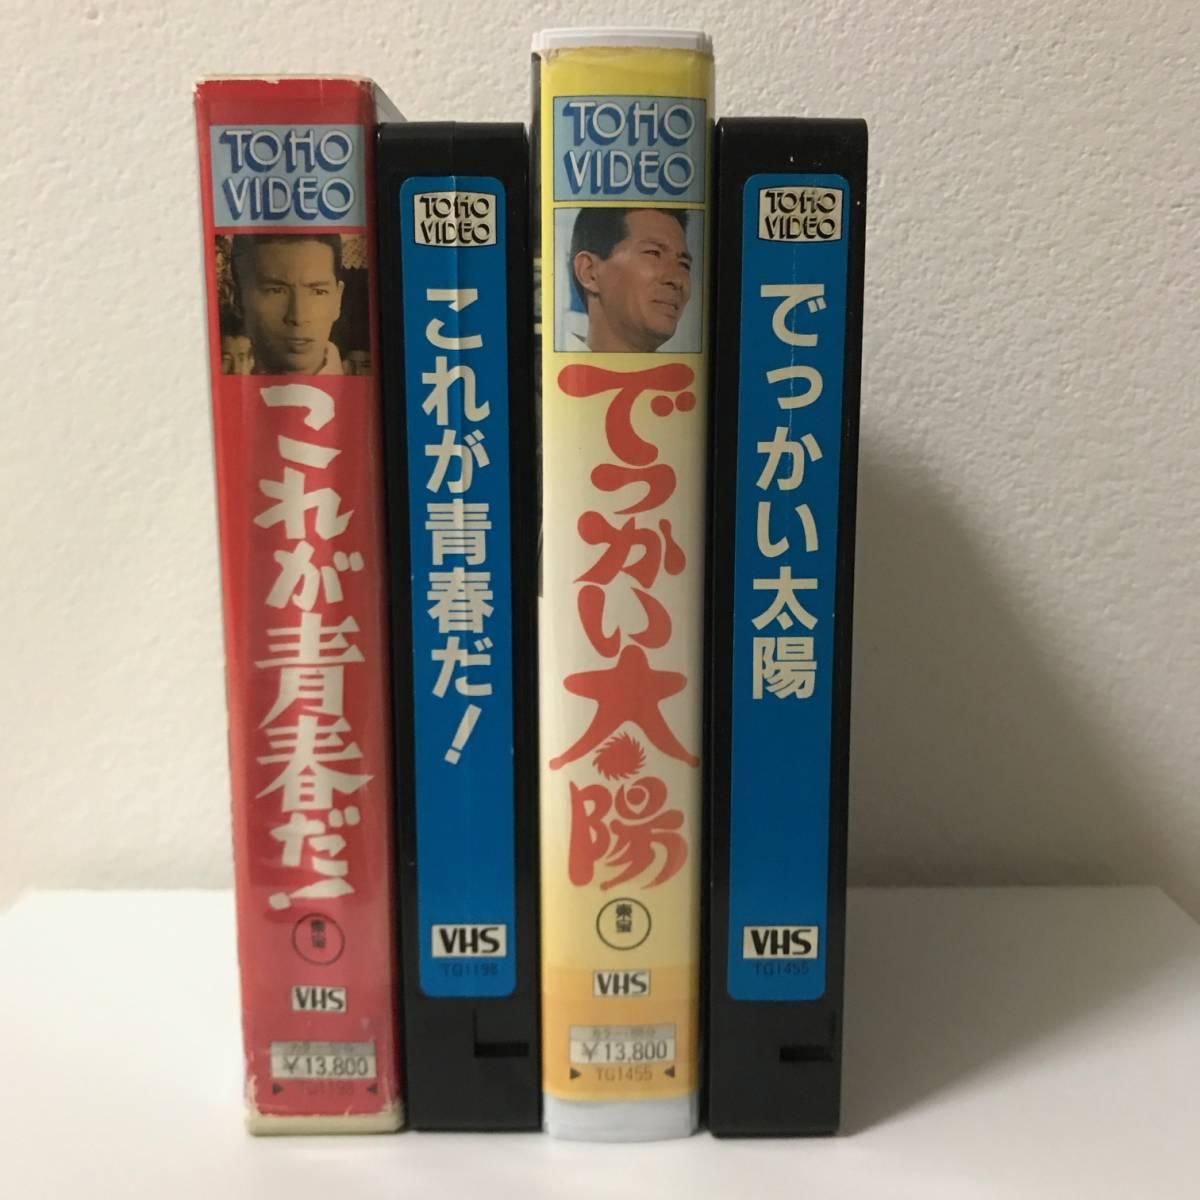 中古 超レア VHS ビデオテープ2本『これが青春だ!』『でっかい太陽』 夏木陽介 藤山陽子 岡田可愛 酒井和歌子 青春とはなんだ